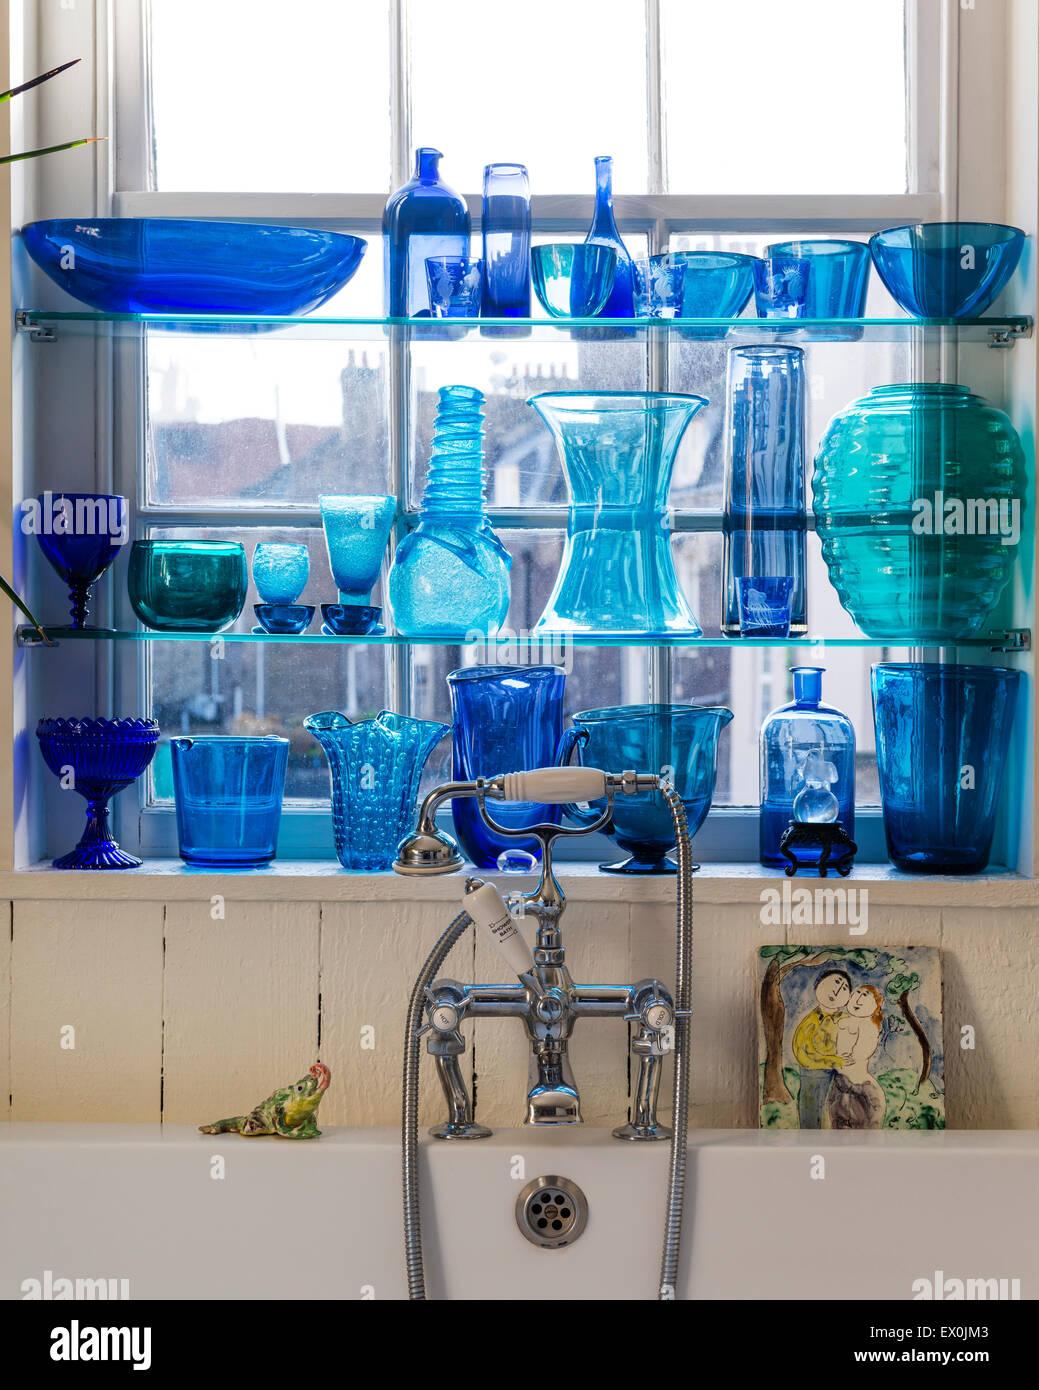 Colección de cristalería azul en los estantes en el baño. Imagen De Stock